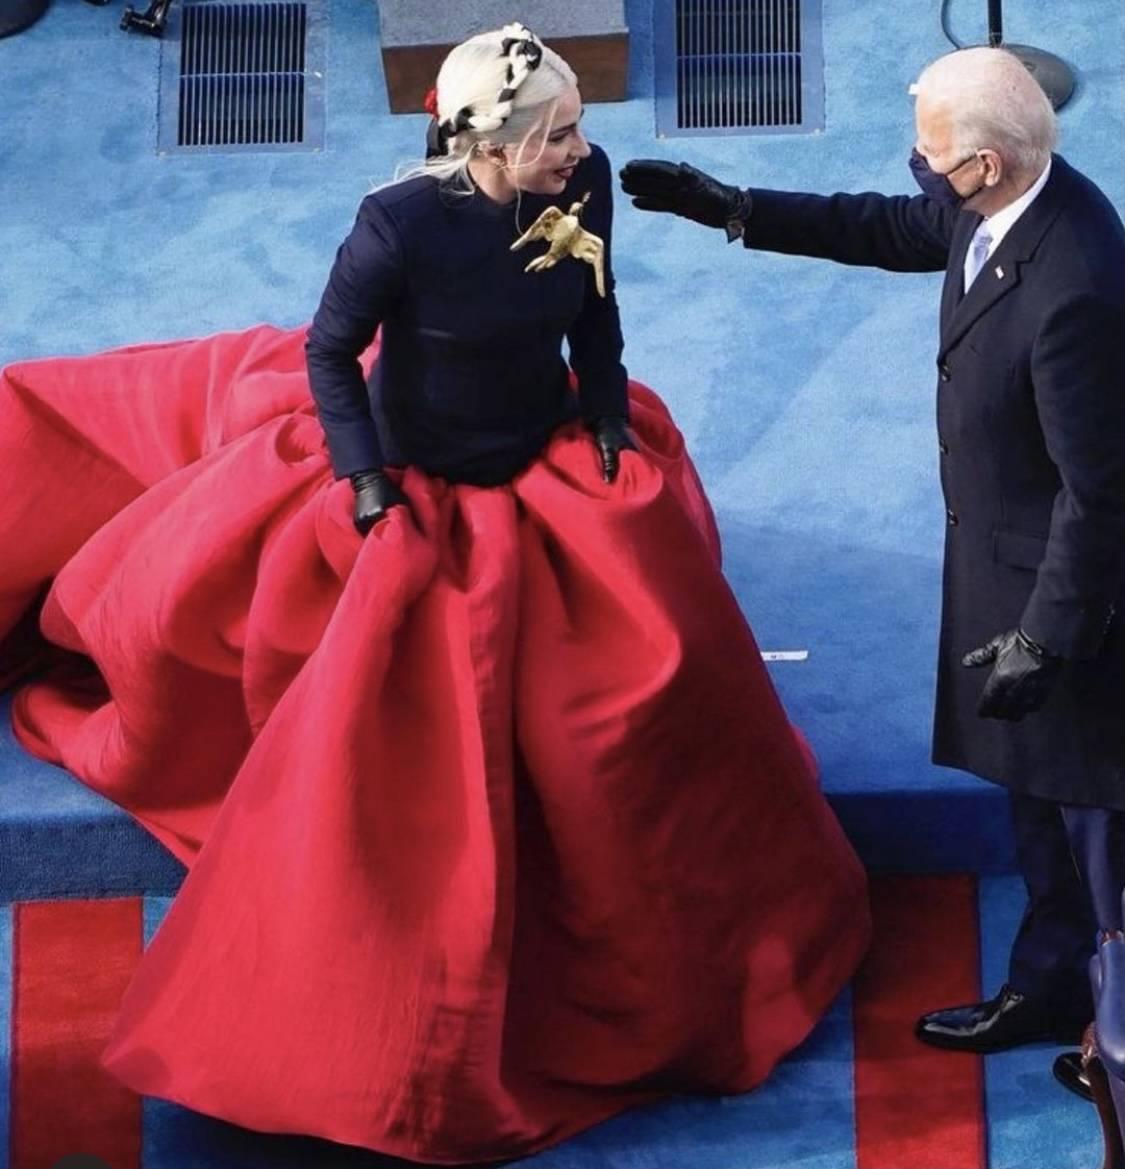 Λαμπερές και εντυπωσιακές παρουσίες στην ορκωμοσία Μπάιντεν :Η Λόπεζ, η Γκάγκα και η Μπιγιονσέ